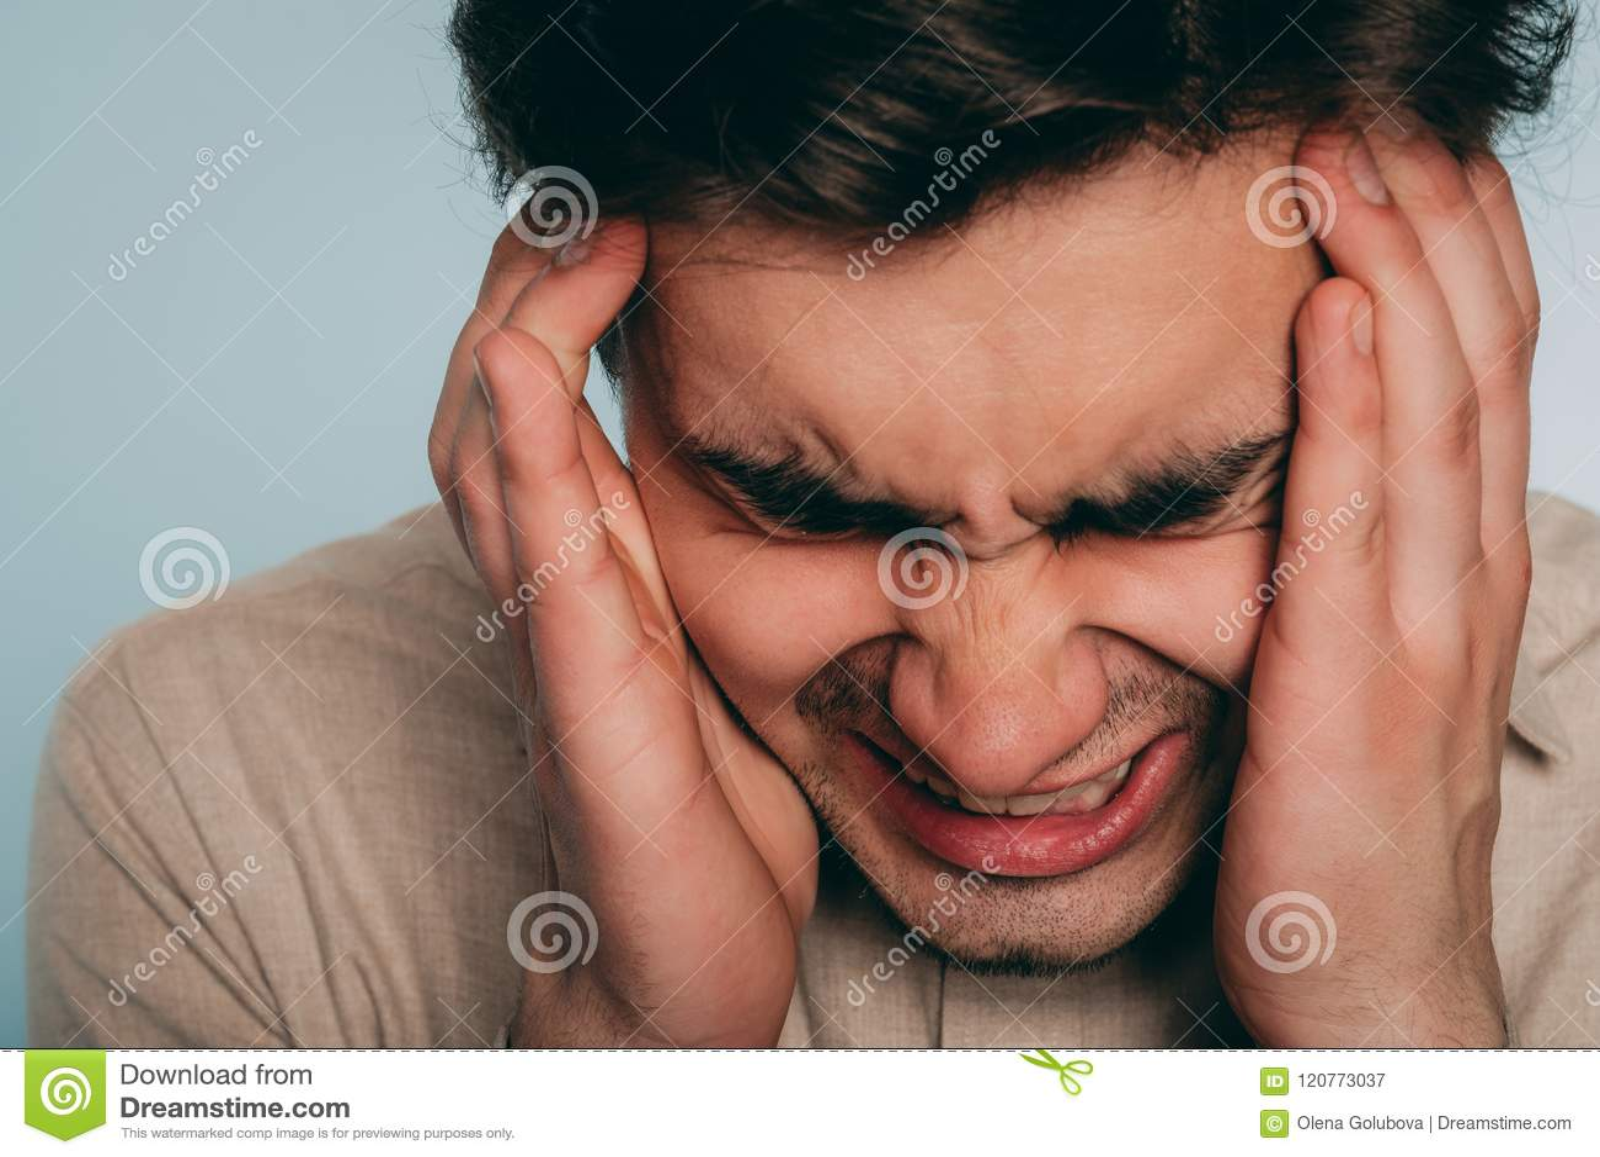 Emotionaler Zusammenbruch des Kopfschmerzendruckärgerwutmannes